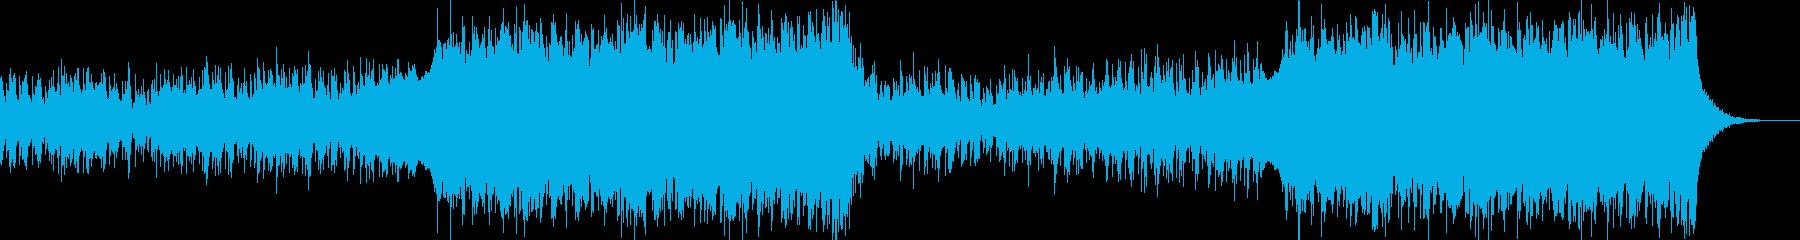 CM/先進的/シネマティックダブステップの再生済みの波形